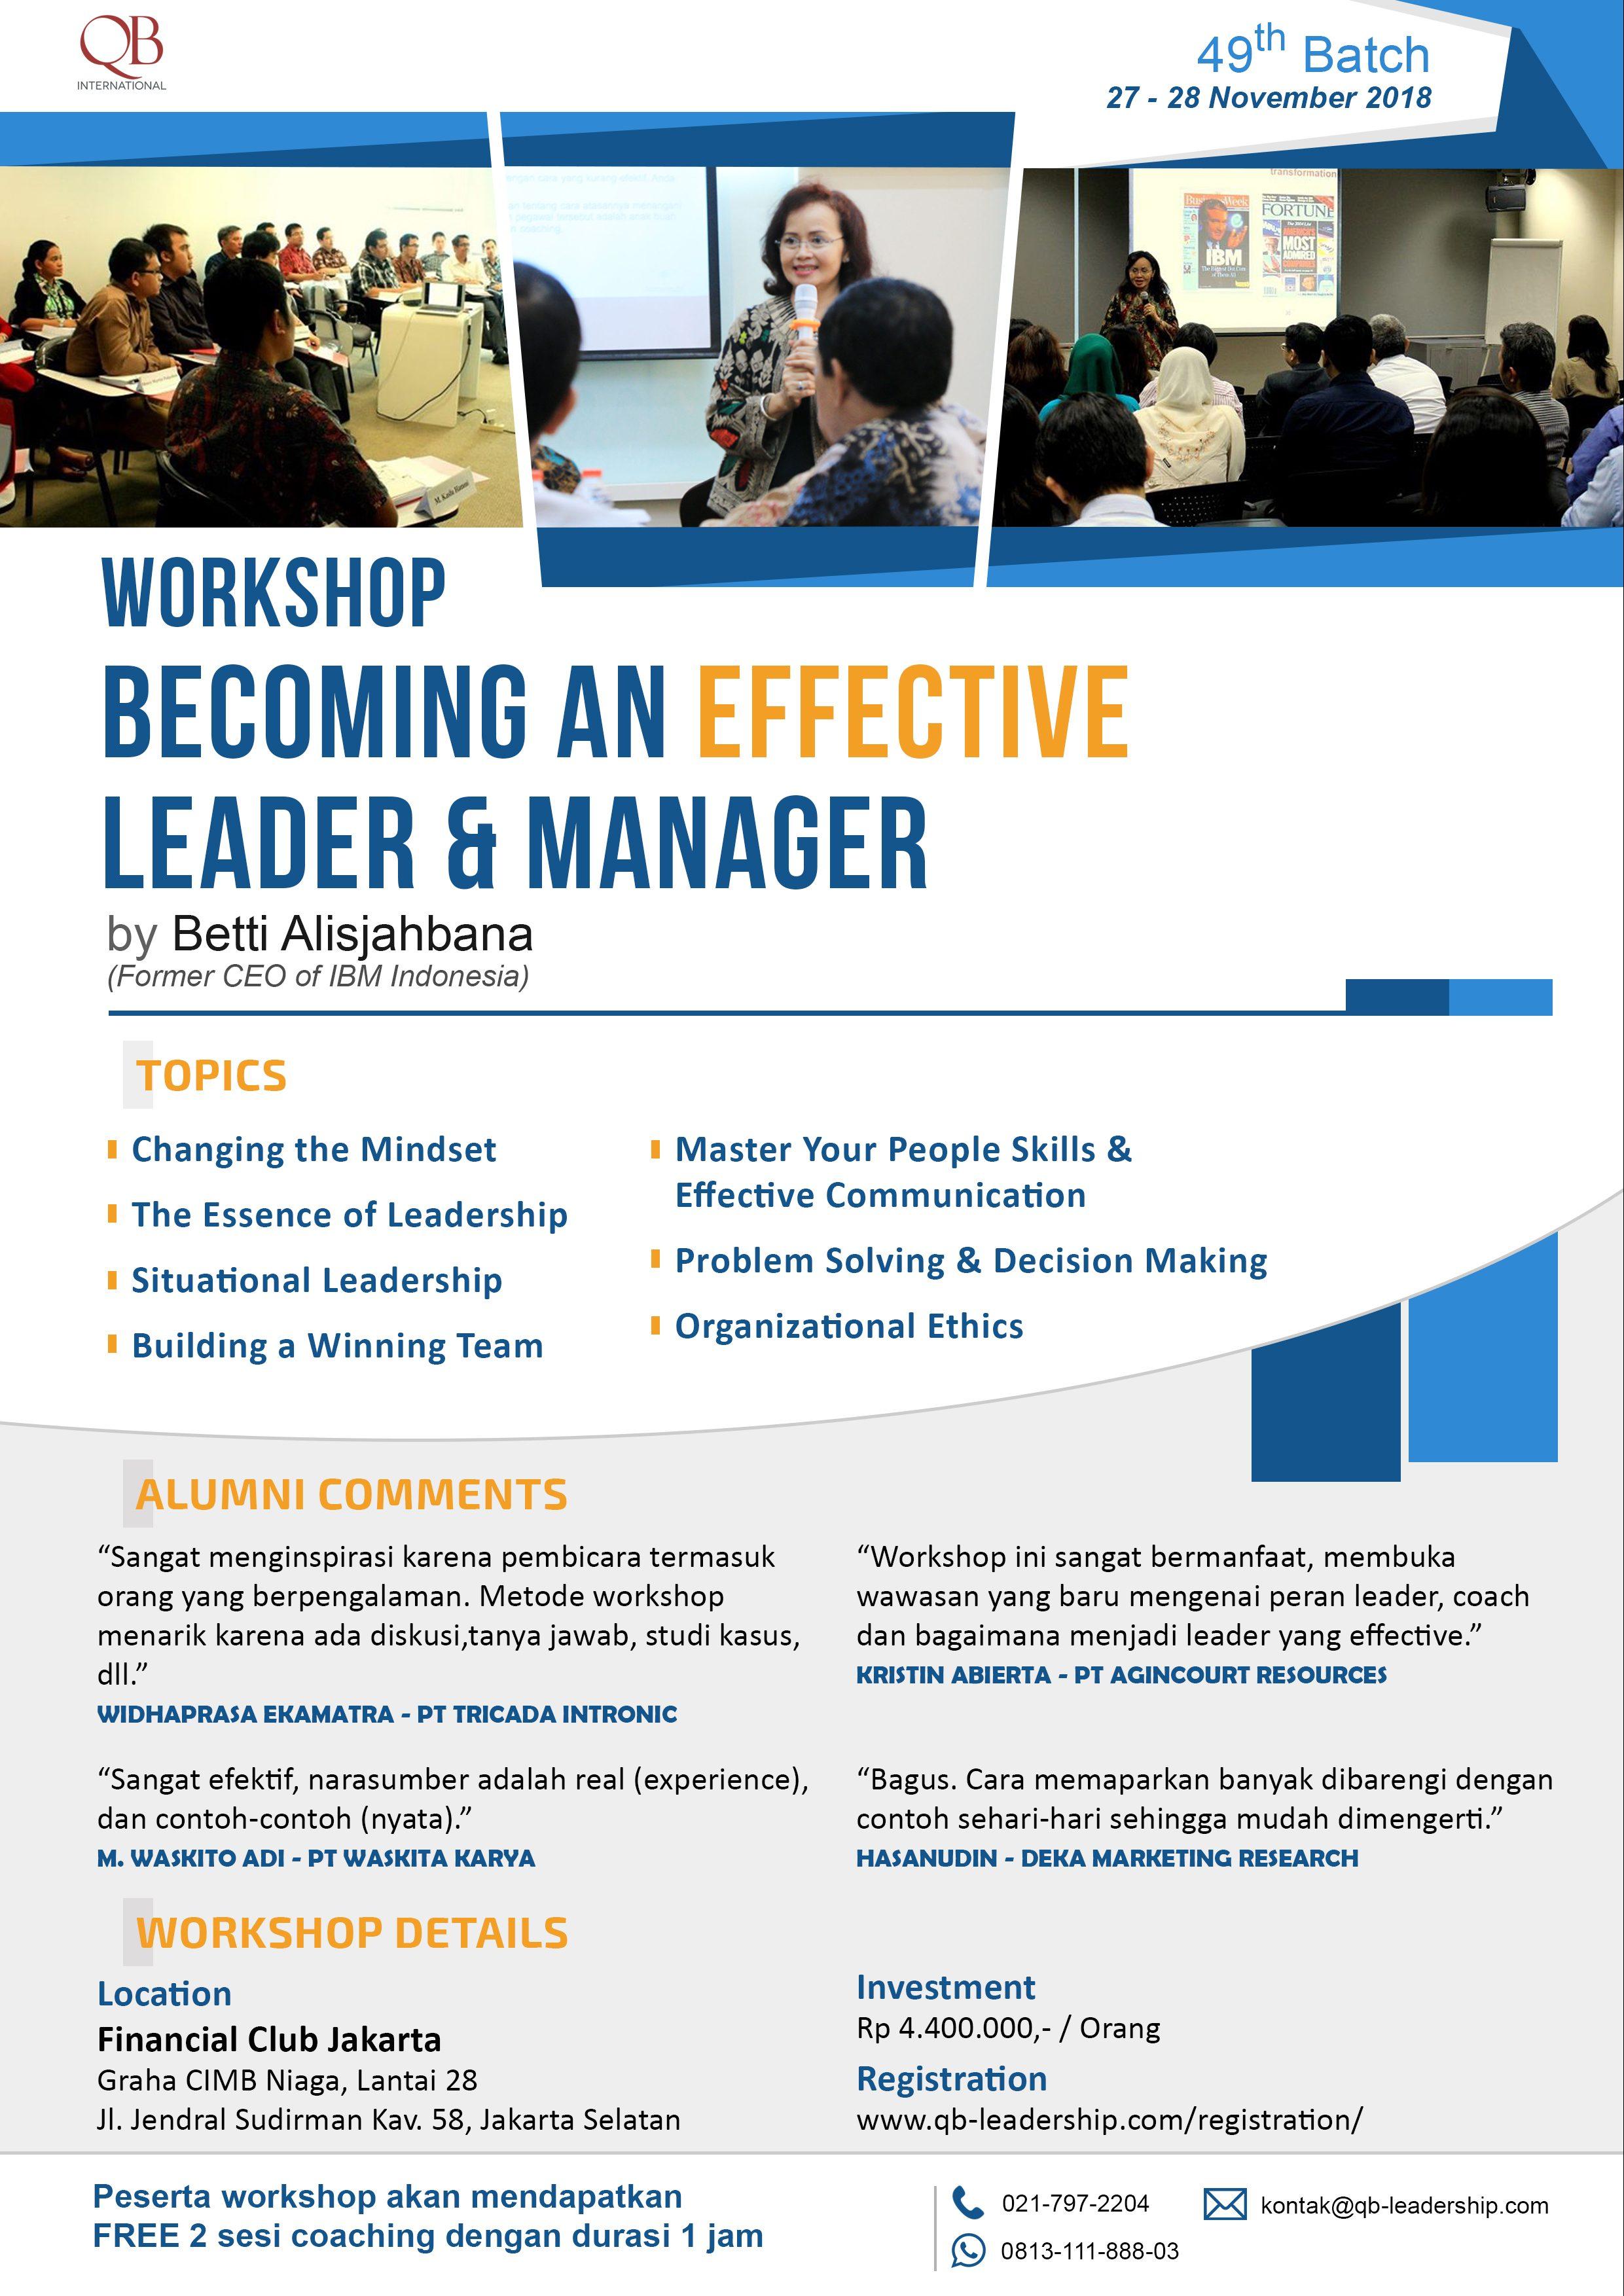 Leaflet Belm 49 Qb Leadership Center